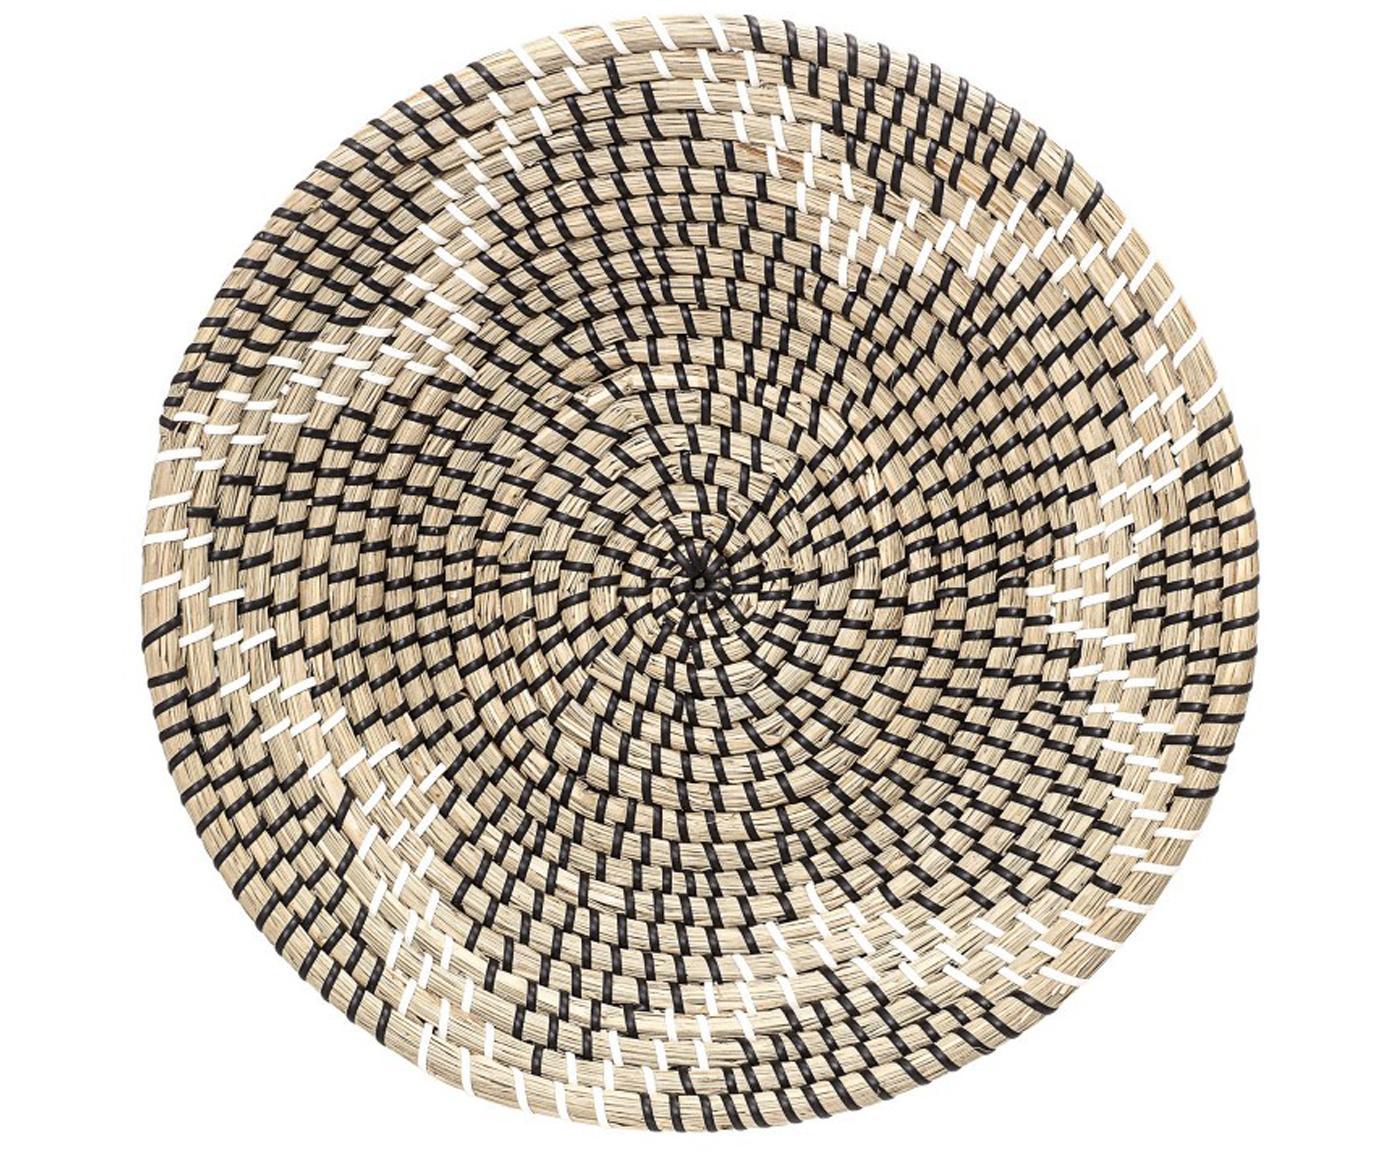 Decorazione da parete in fibra naturale Star, Alghe, Beige, nero, alghe, Ø 36 x Prof. 7 cm